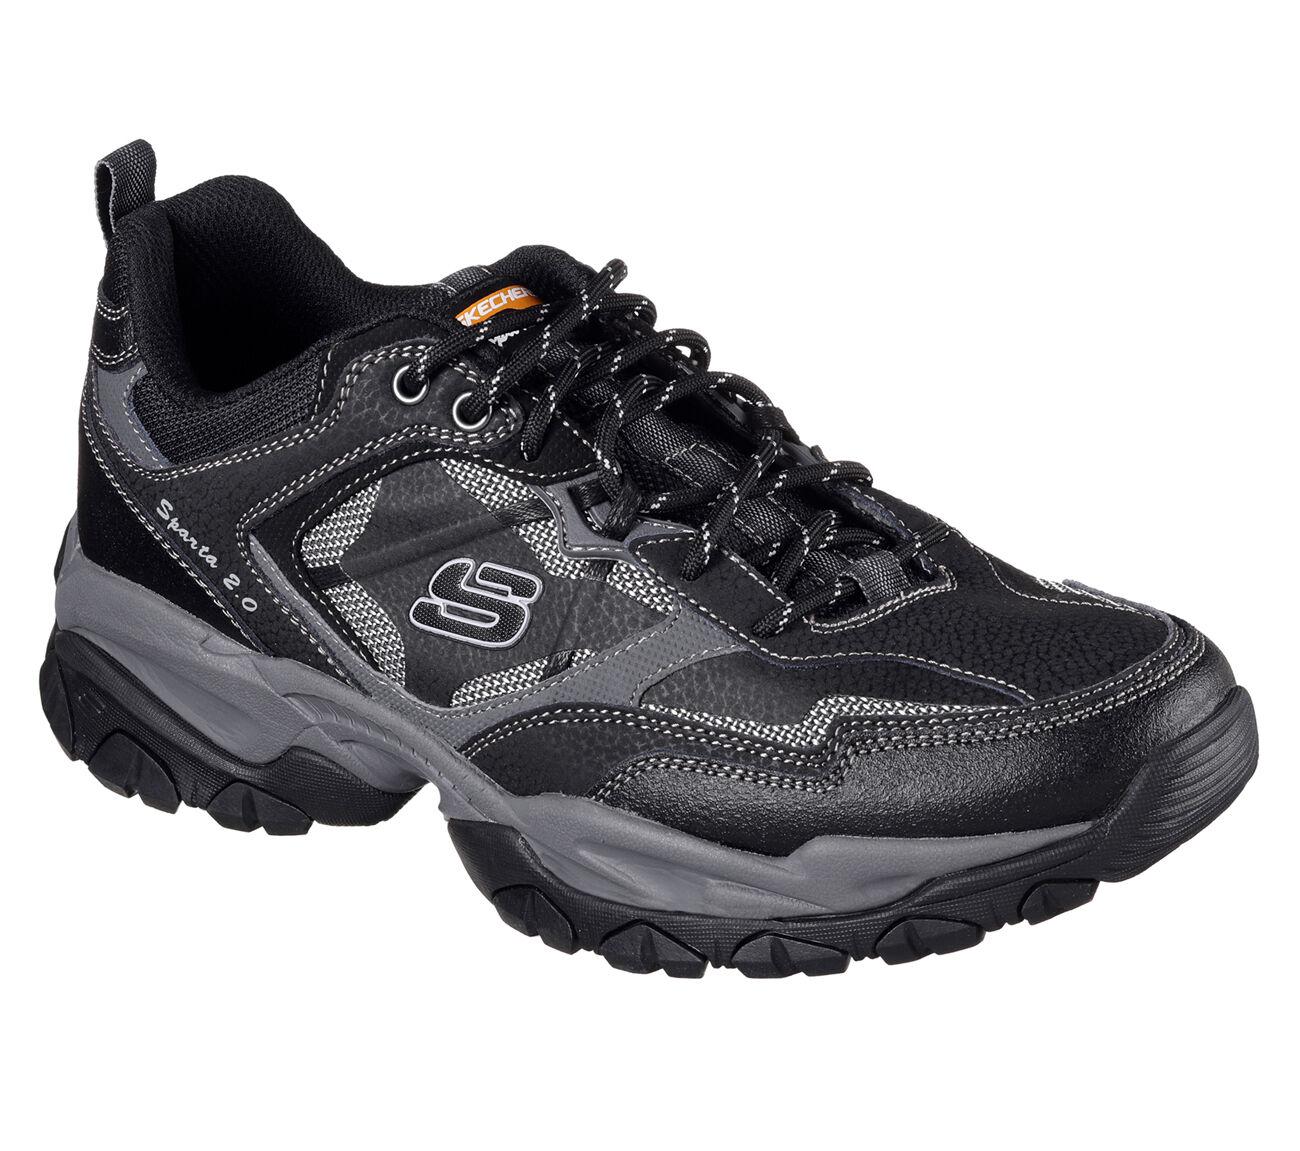 52700 W BKCC Wide Fit Black Skechers shoes Men Memory Foam Sport Comfort Sneaker